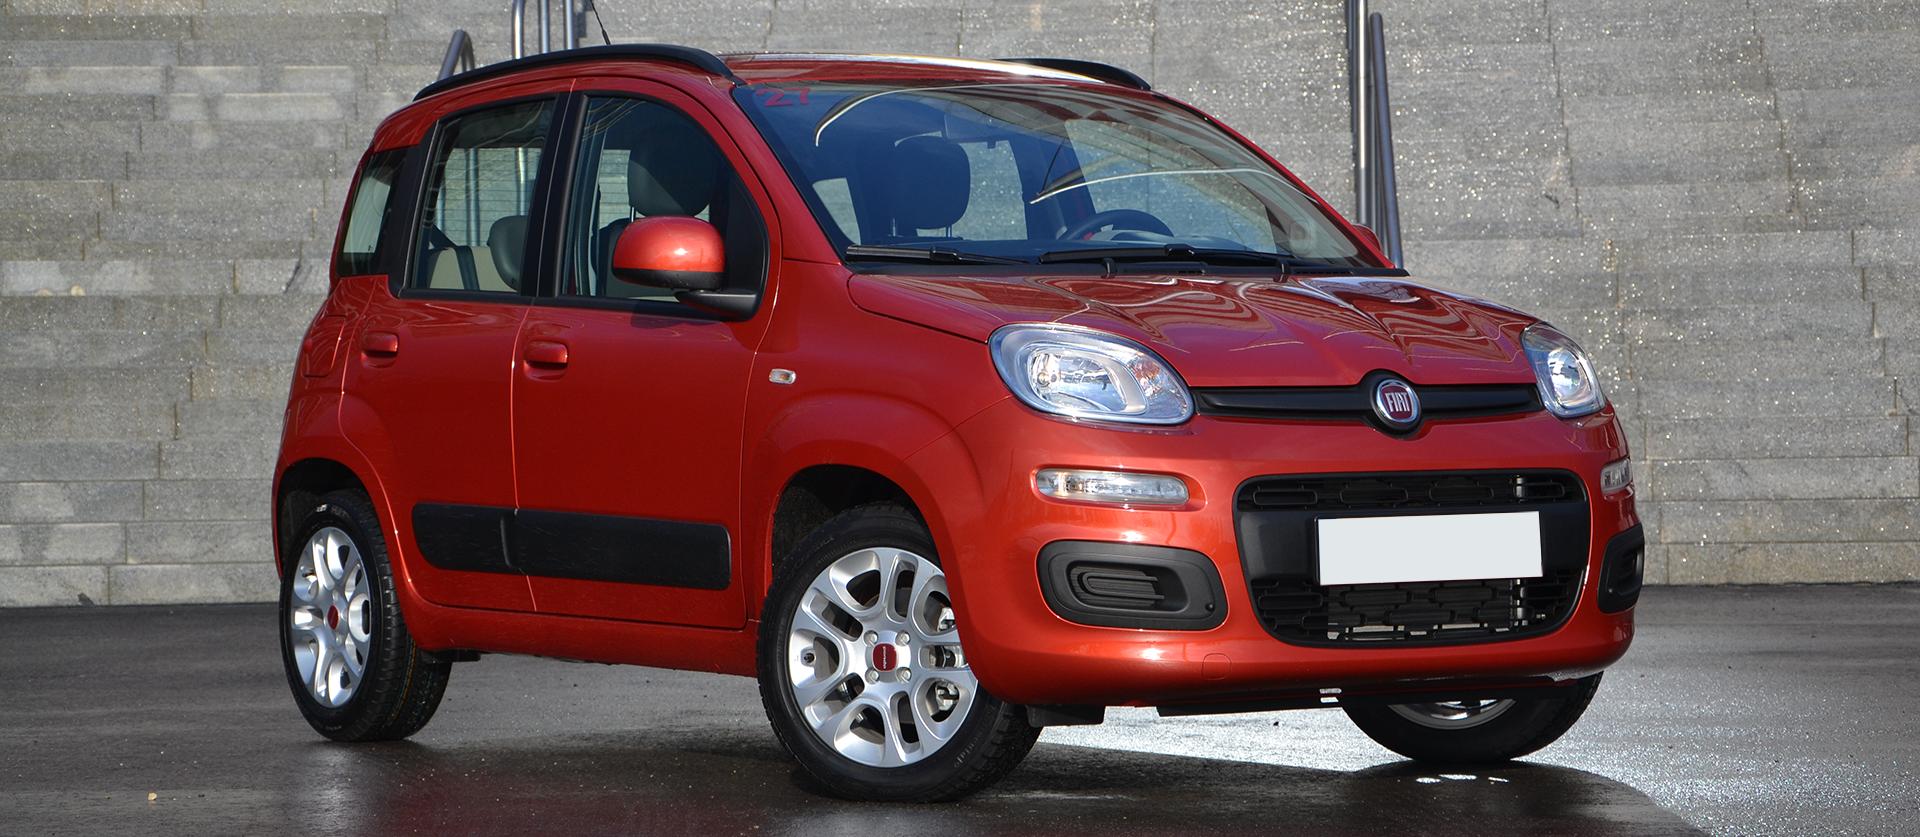 Fiat Panda Gebrauchtwagen bestellen